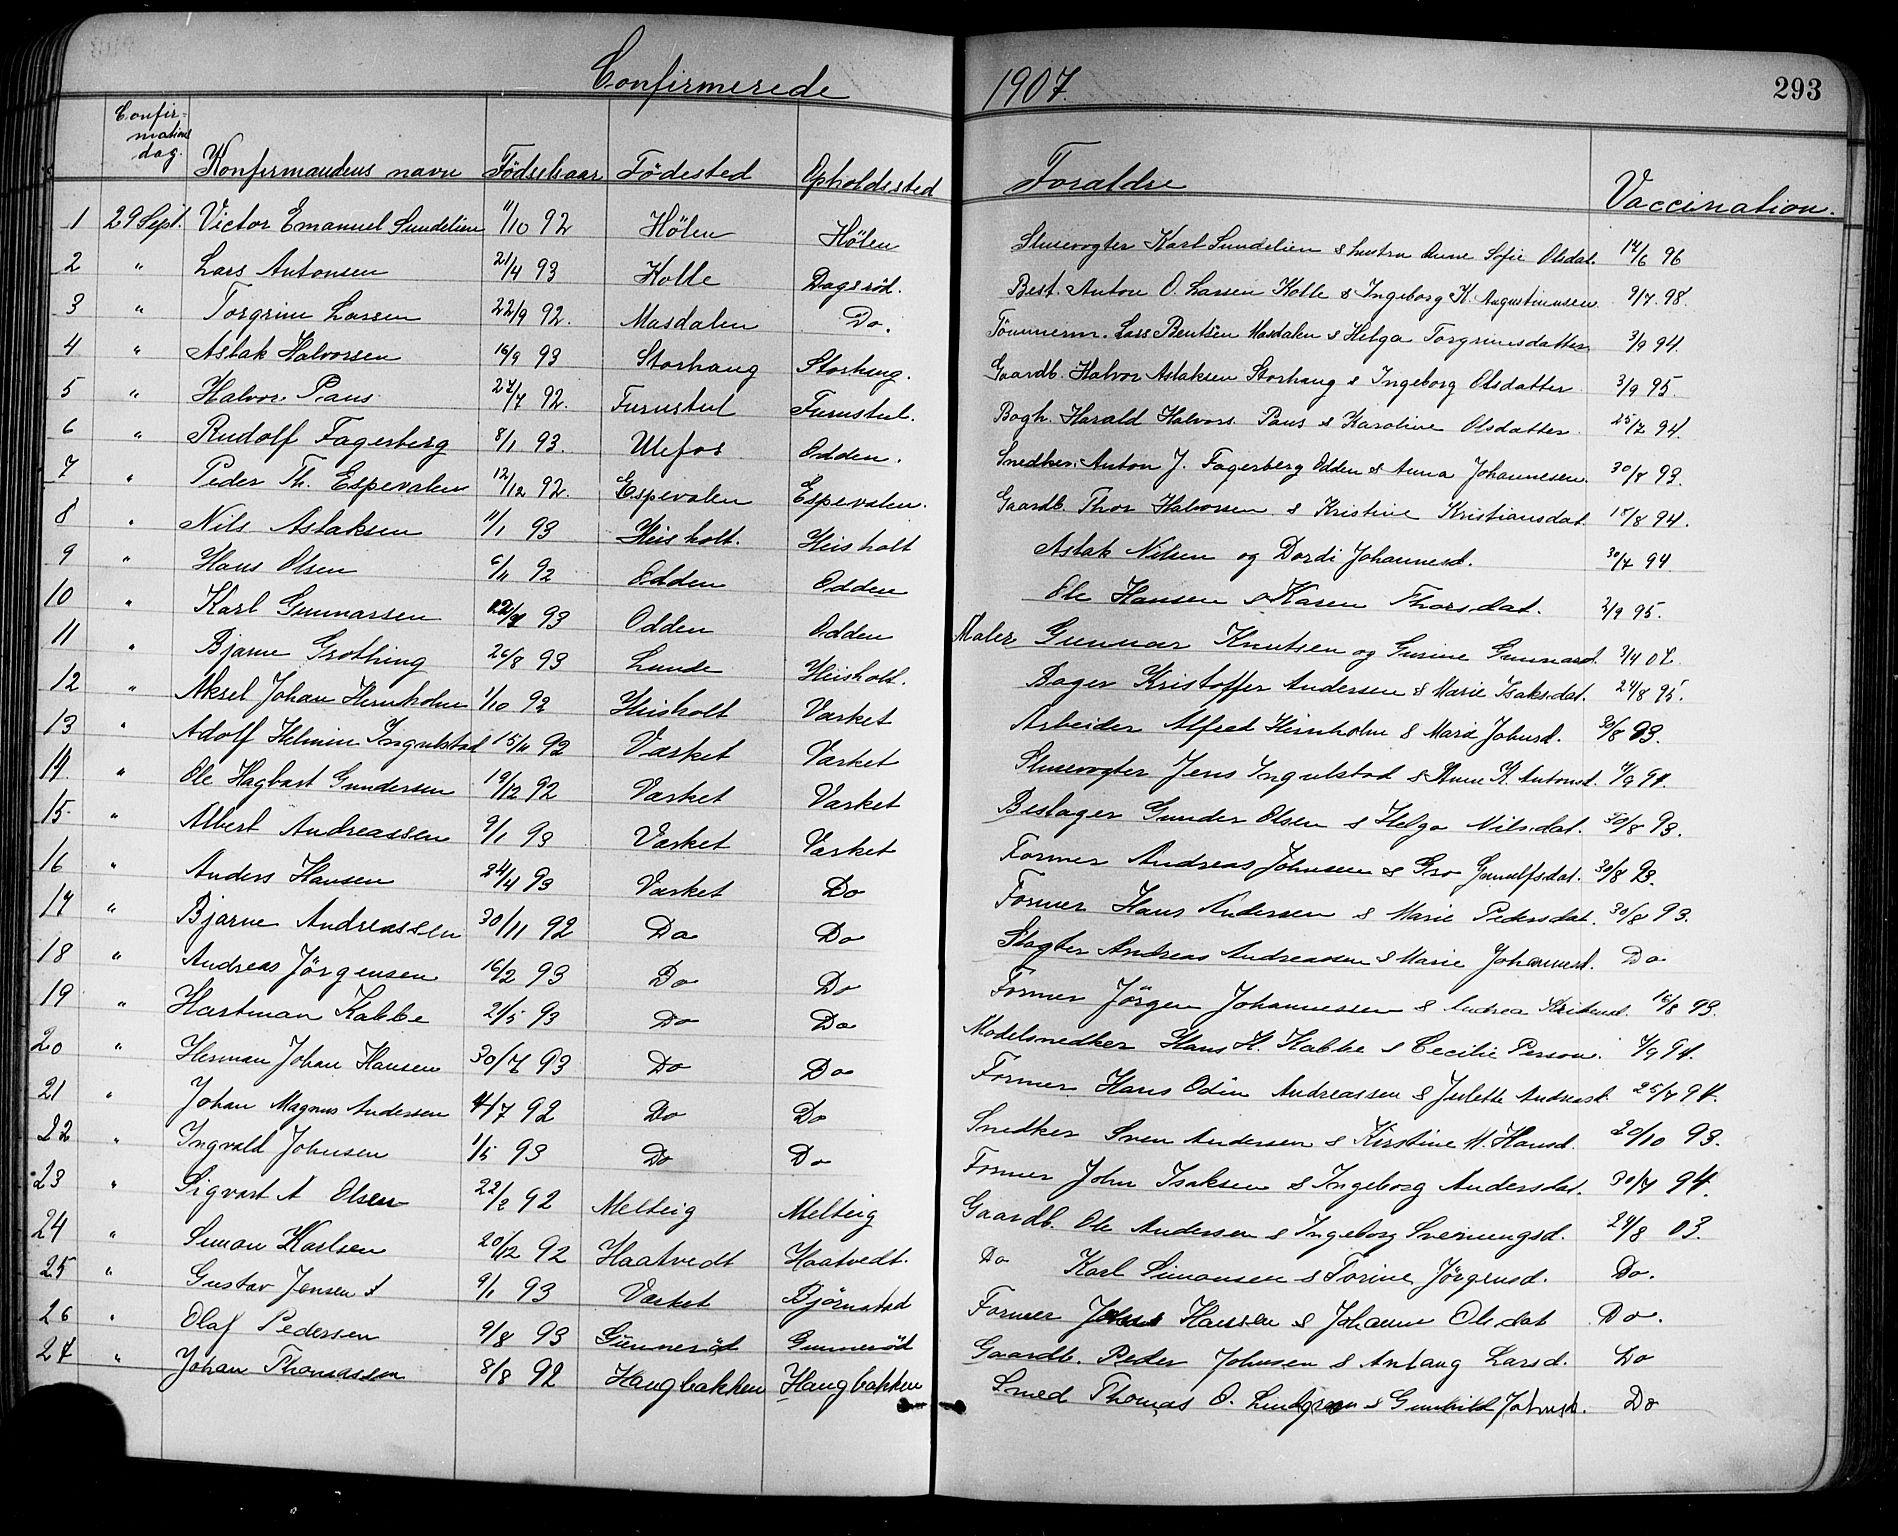 SAKO, Holla kirkebøker, G/Ga/L0005: Klokkerbok nr. I 5, 1891-1917, s. 293